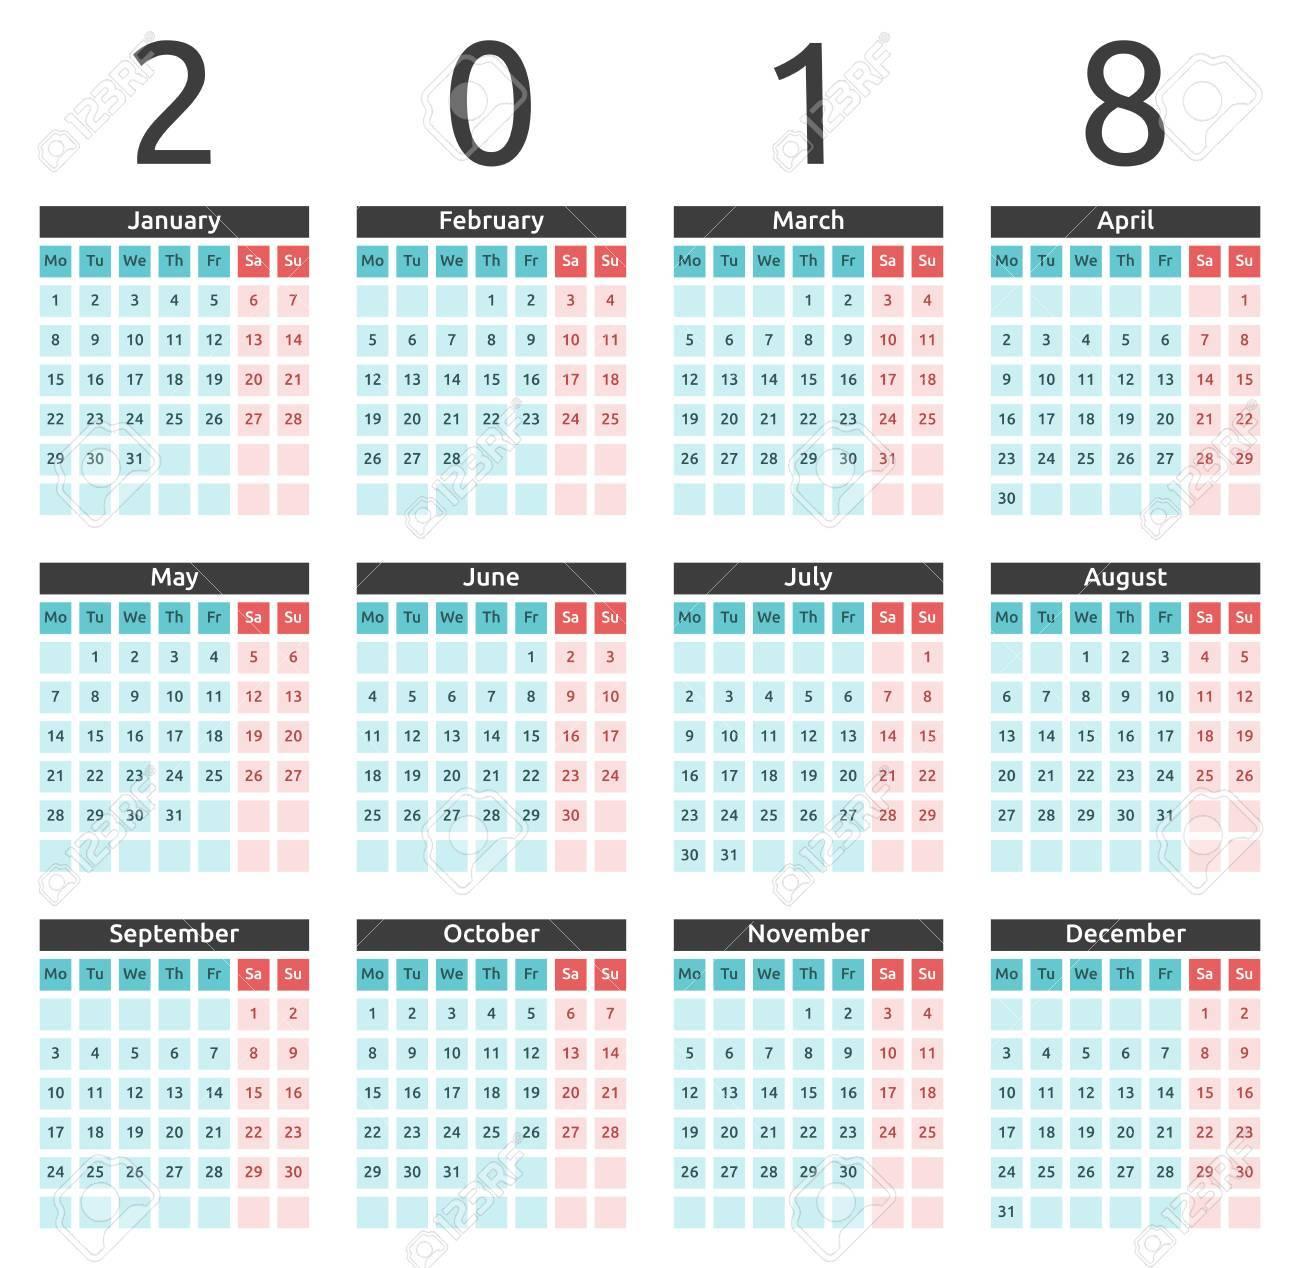 Calendario Internazionale.Calendario Murale Annuale Colorato Semplice Anno 2018 Settimana Inizia Il Lunedi Internazionale In Inglese Design Piatto Illustrazione Vettoriale